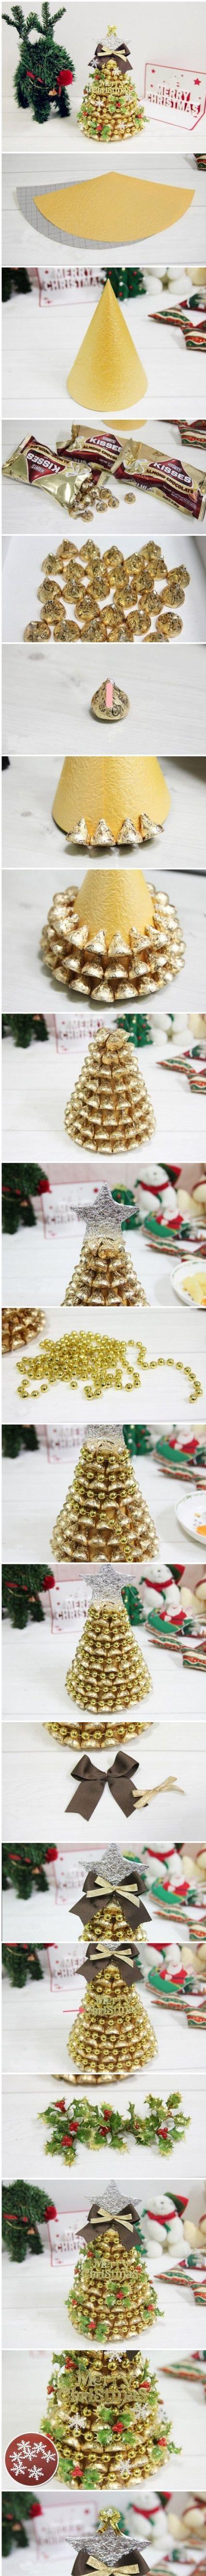 Новогодняя елочка из конфет Хершис в индивидуальной упаковке